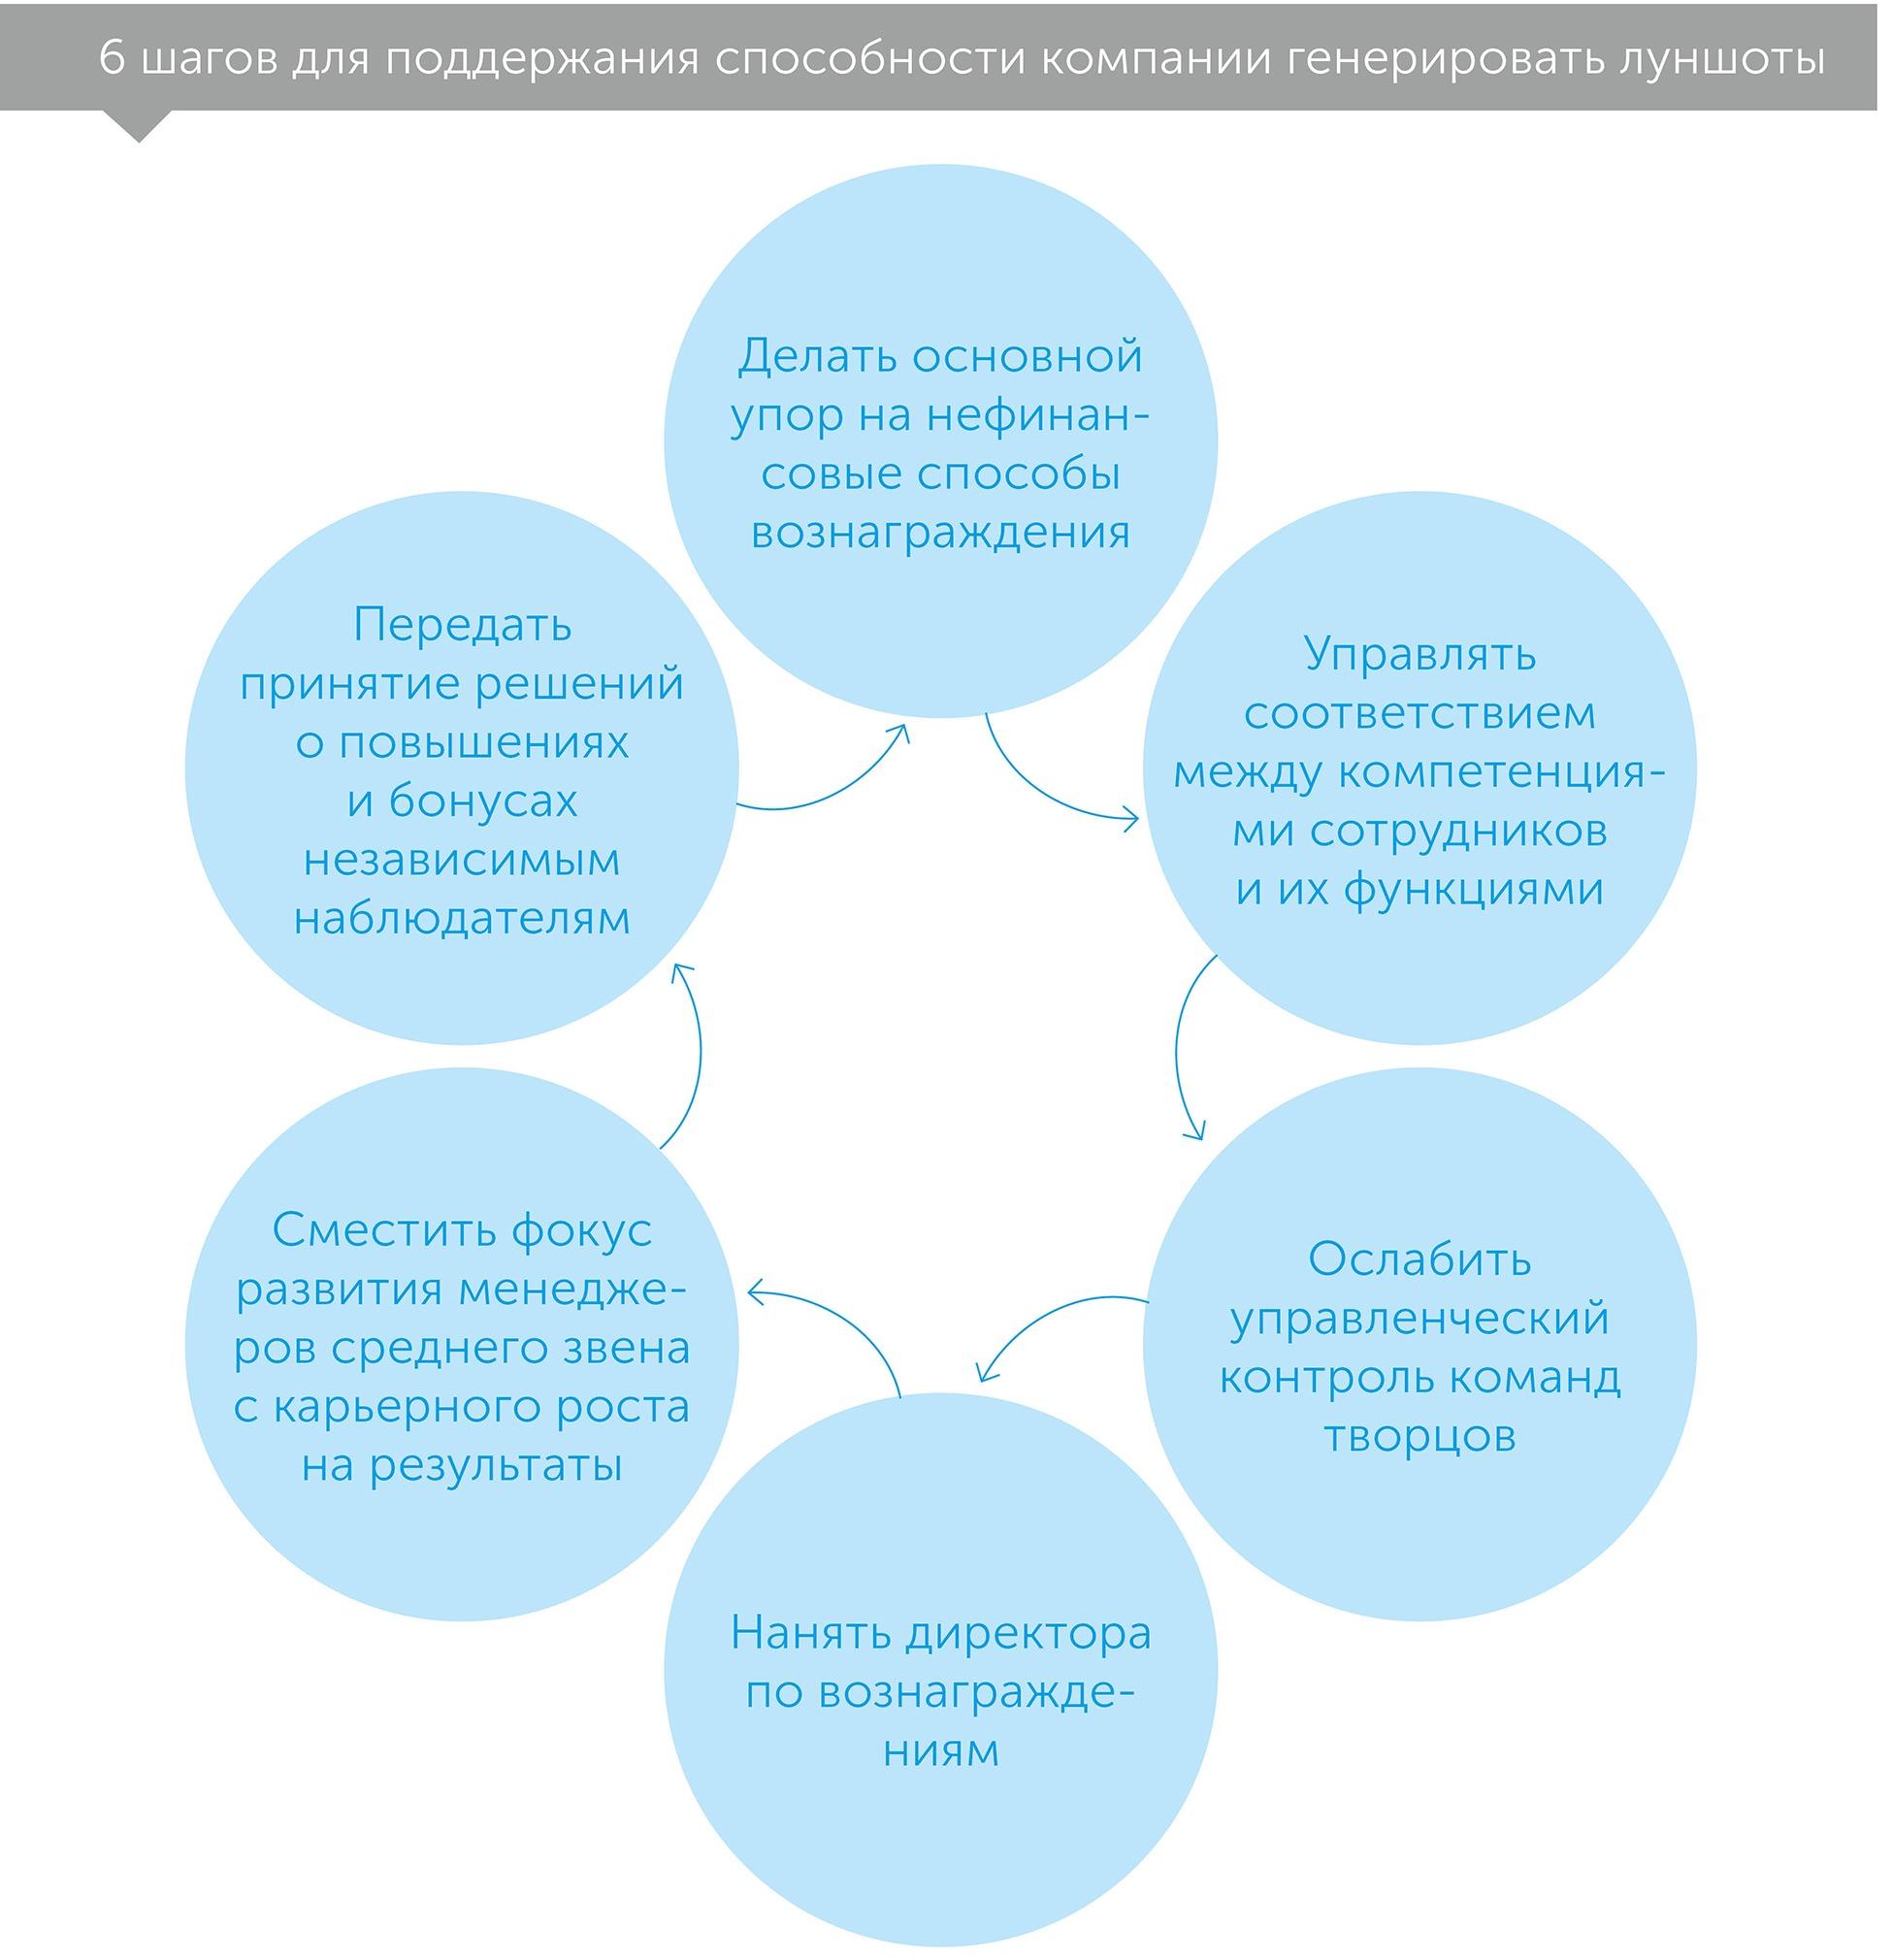 Луншоты, author Сафи Баколл | Kyivstar Business Hub, image №2